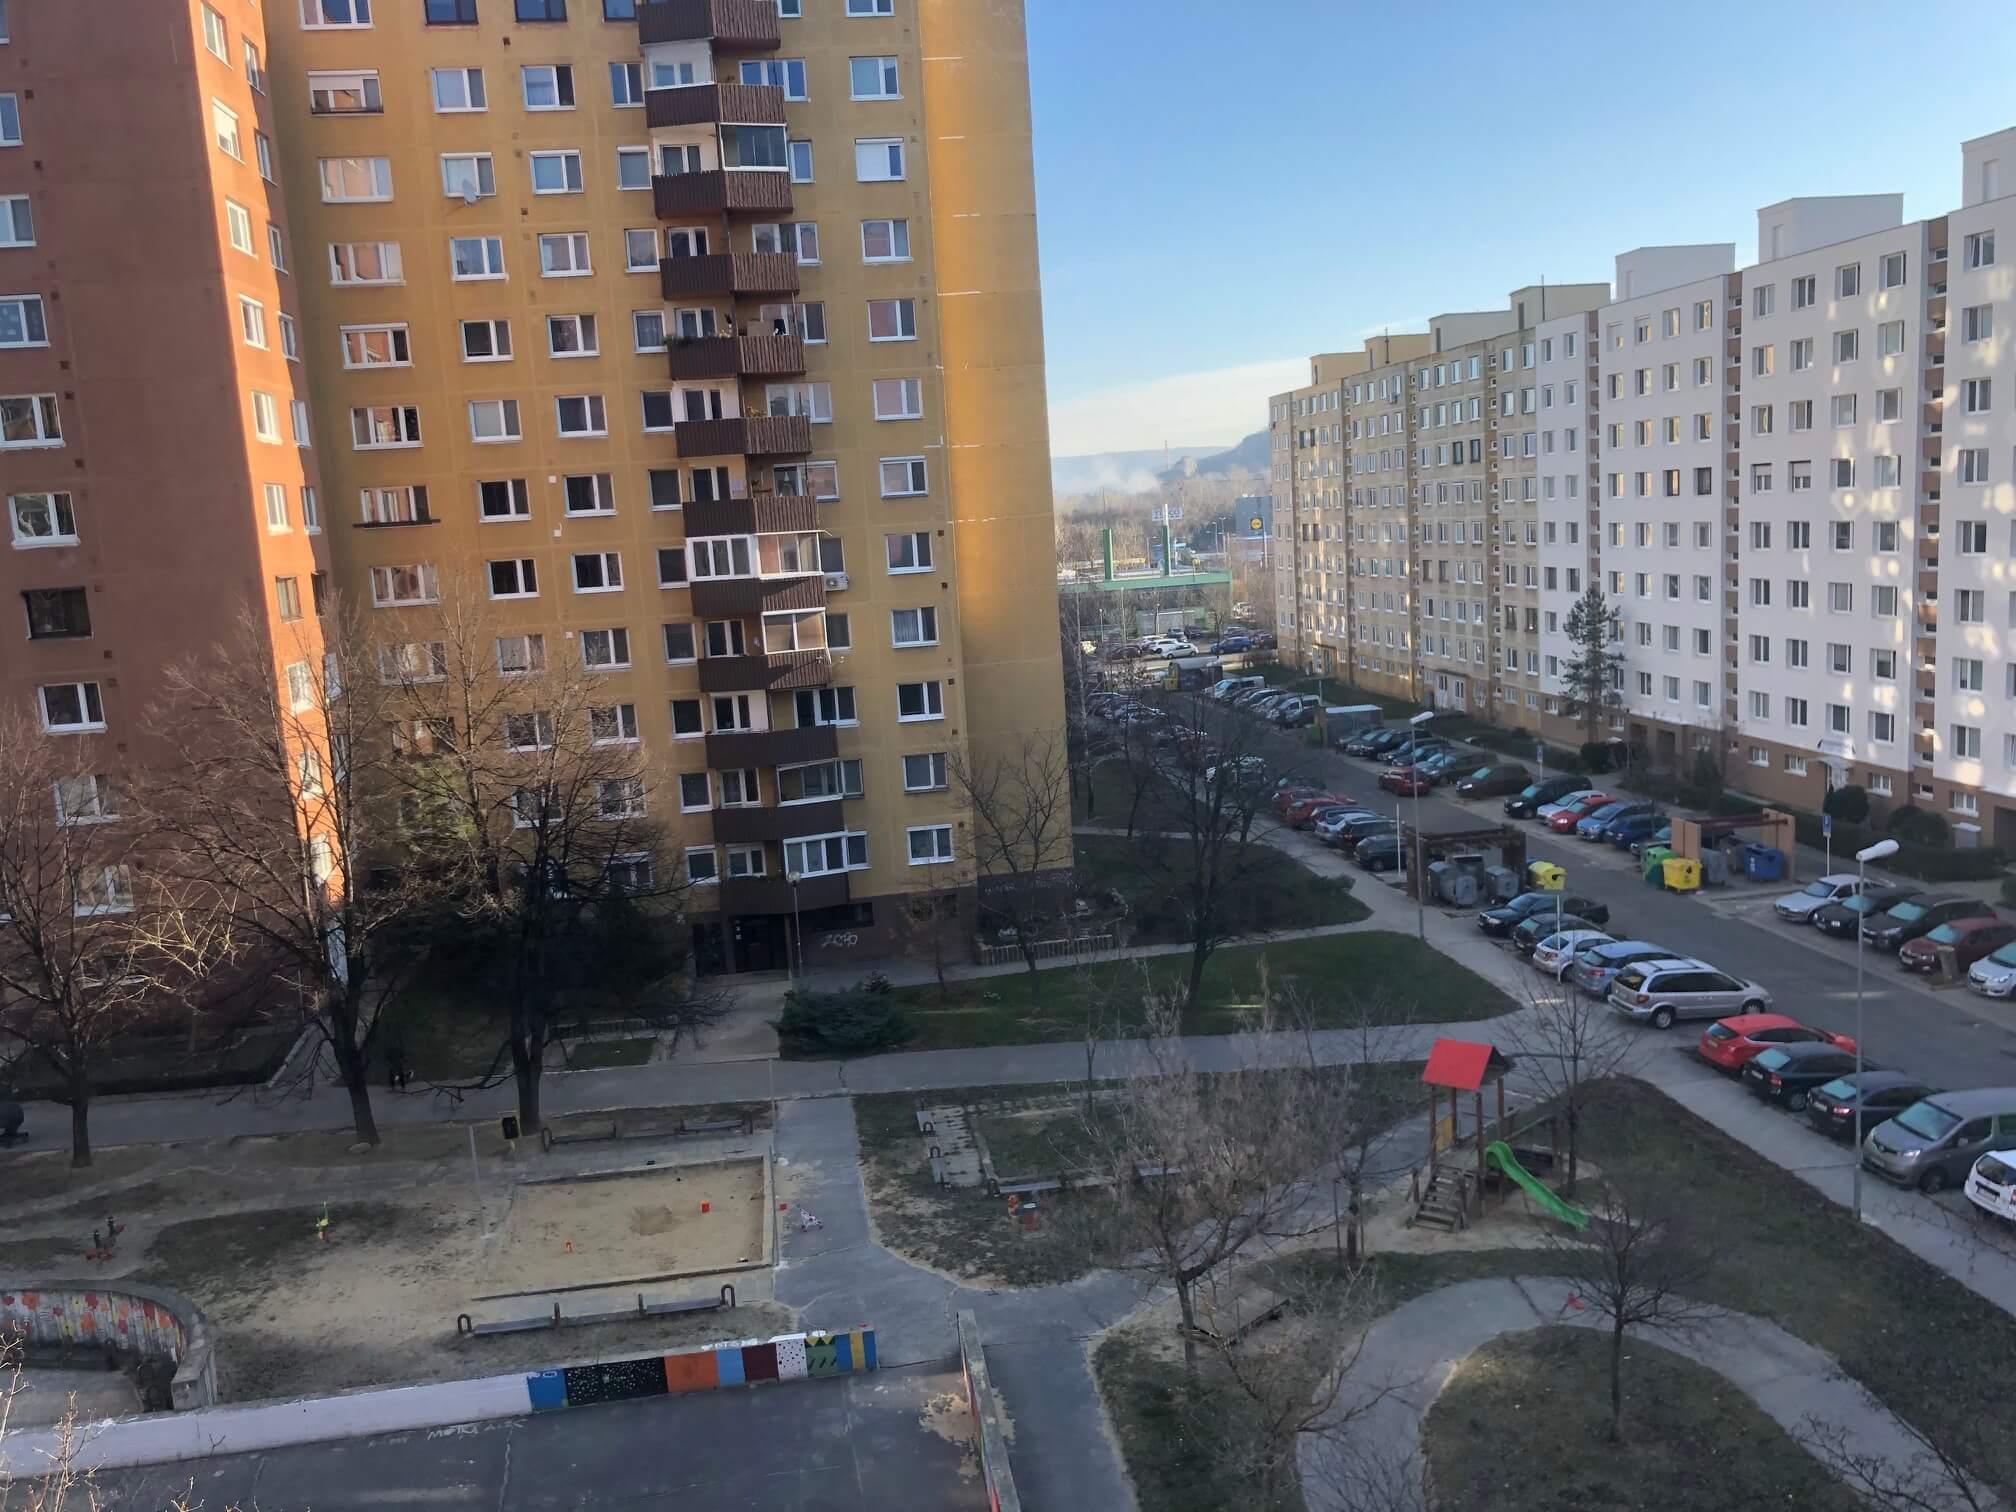 Predané: Exkluzívne na predaj 3 izbový byt, Devínska Nová Ves, Jána Poničana 3, 65m2, balkon 4m2,klimatizácia-44